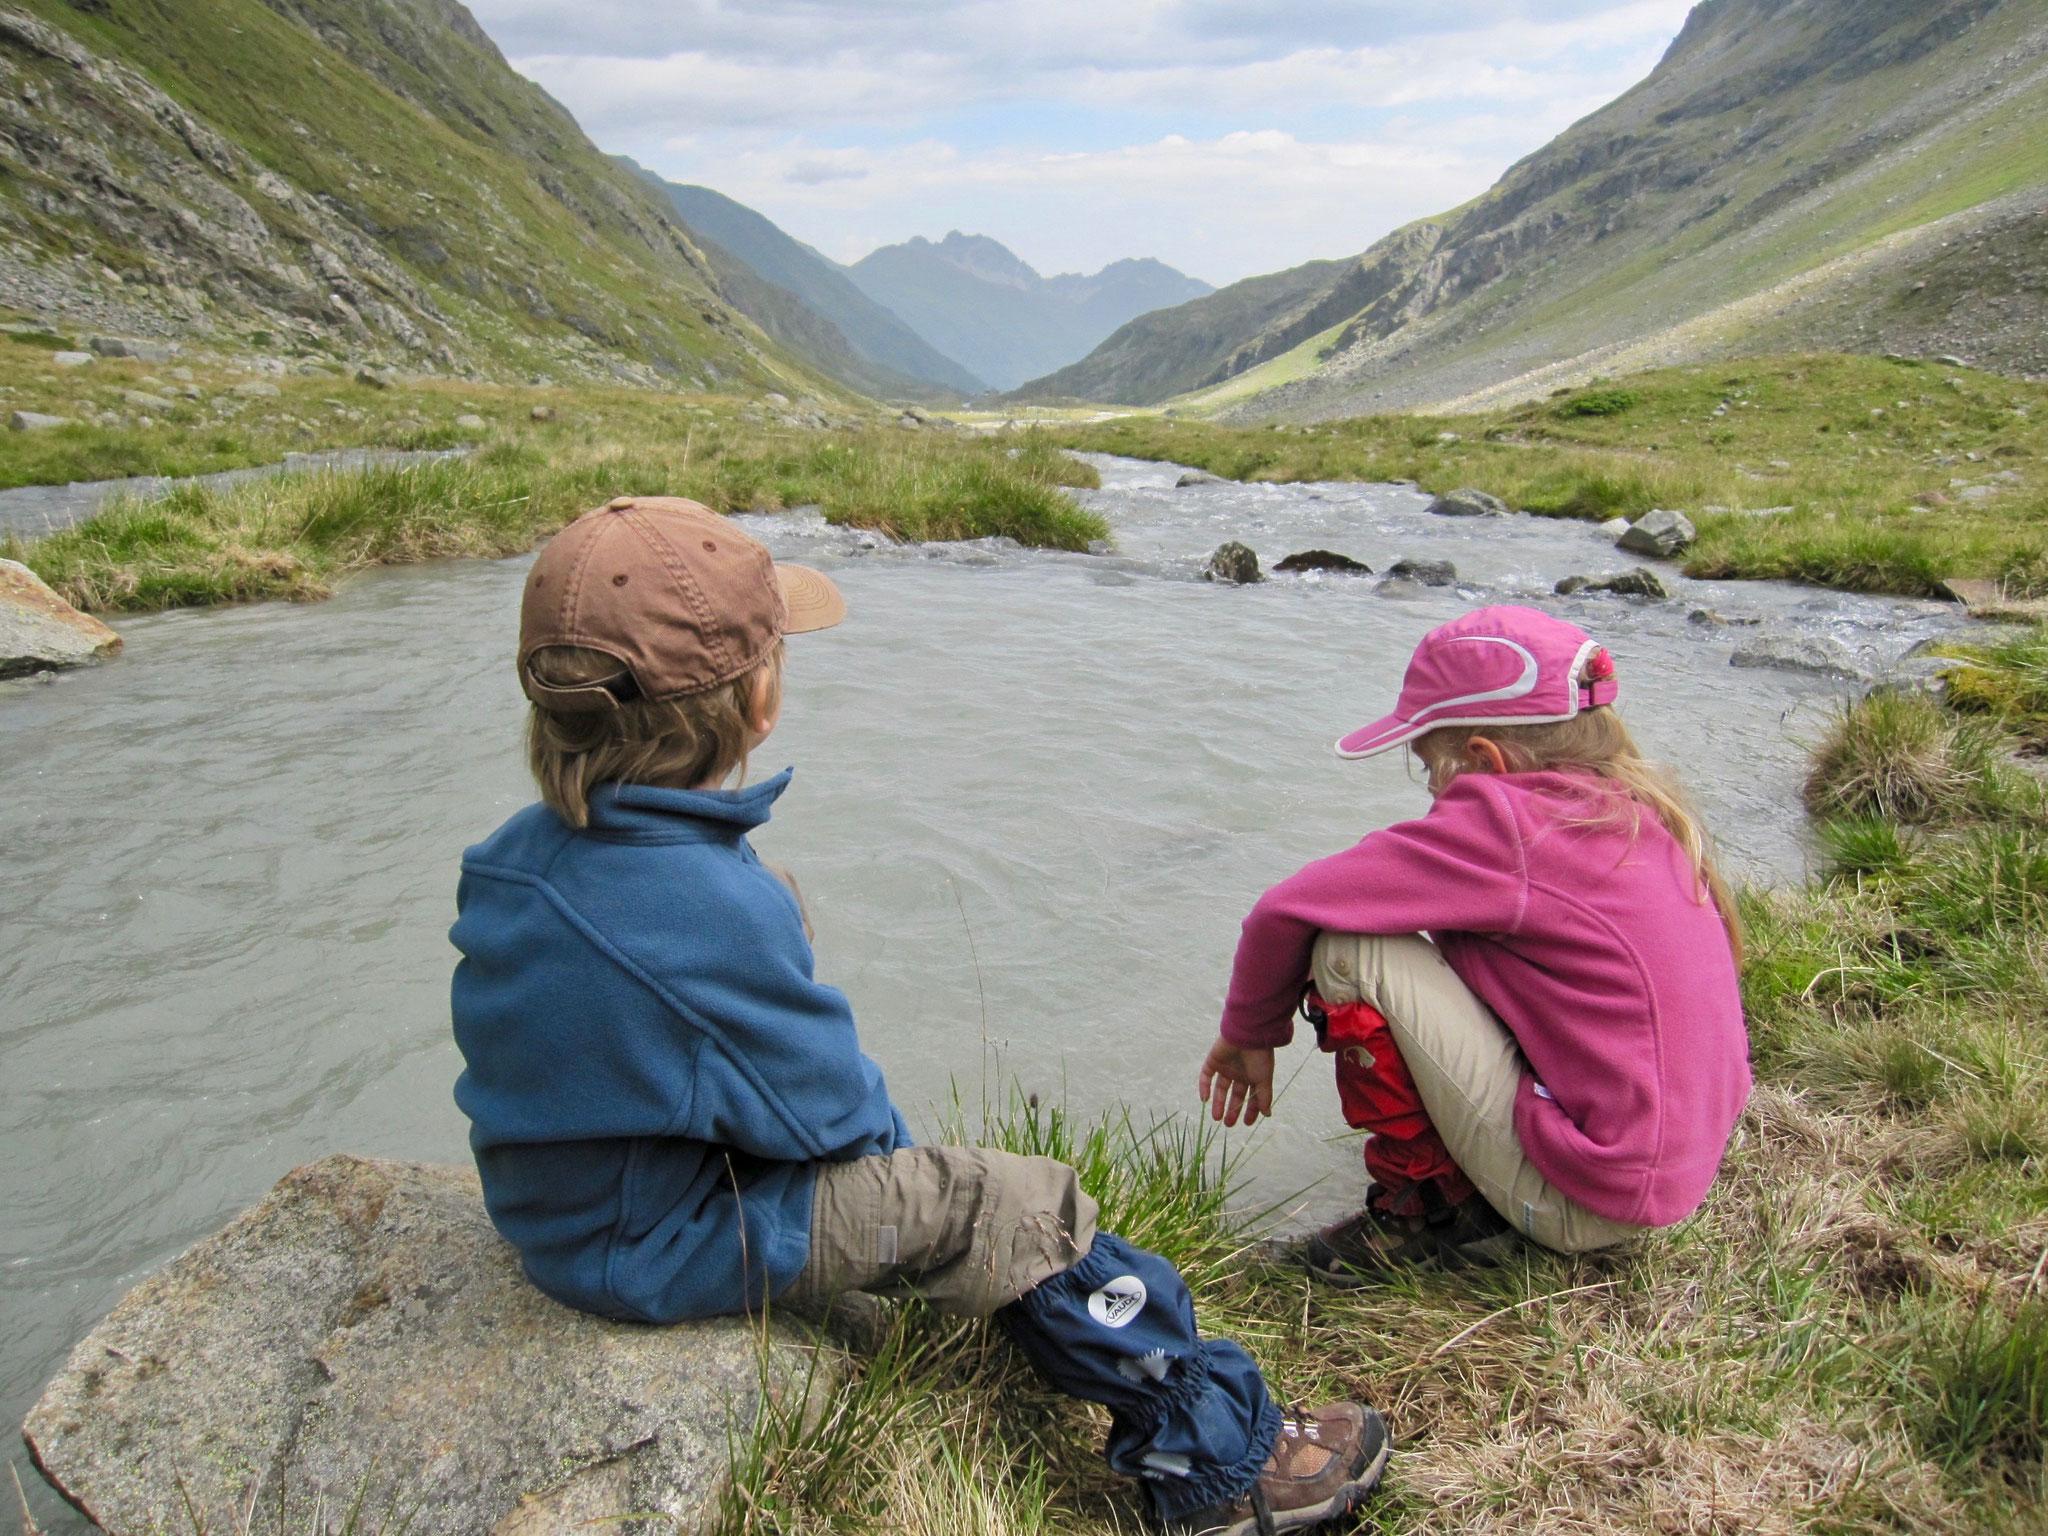 Noch eine kurze Pause am Wasser bevor es auf die letzten Kilometer zur Hütte geht